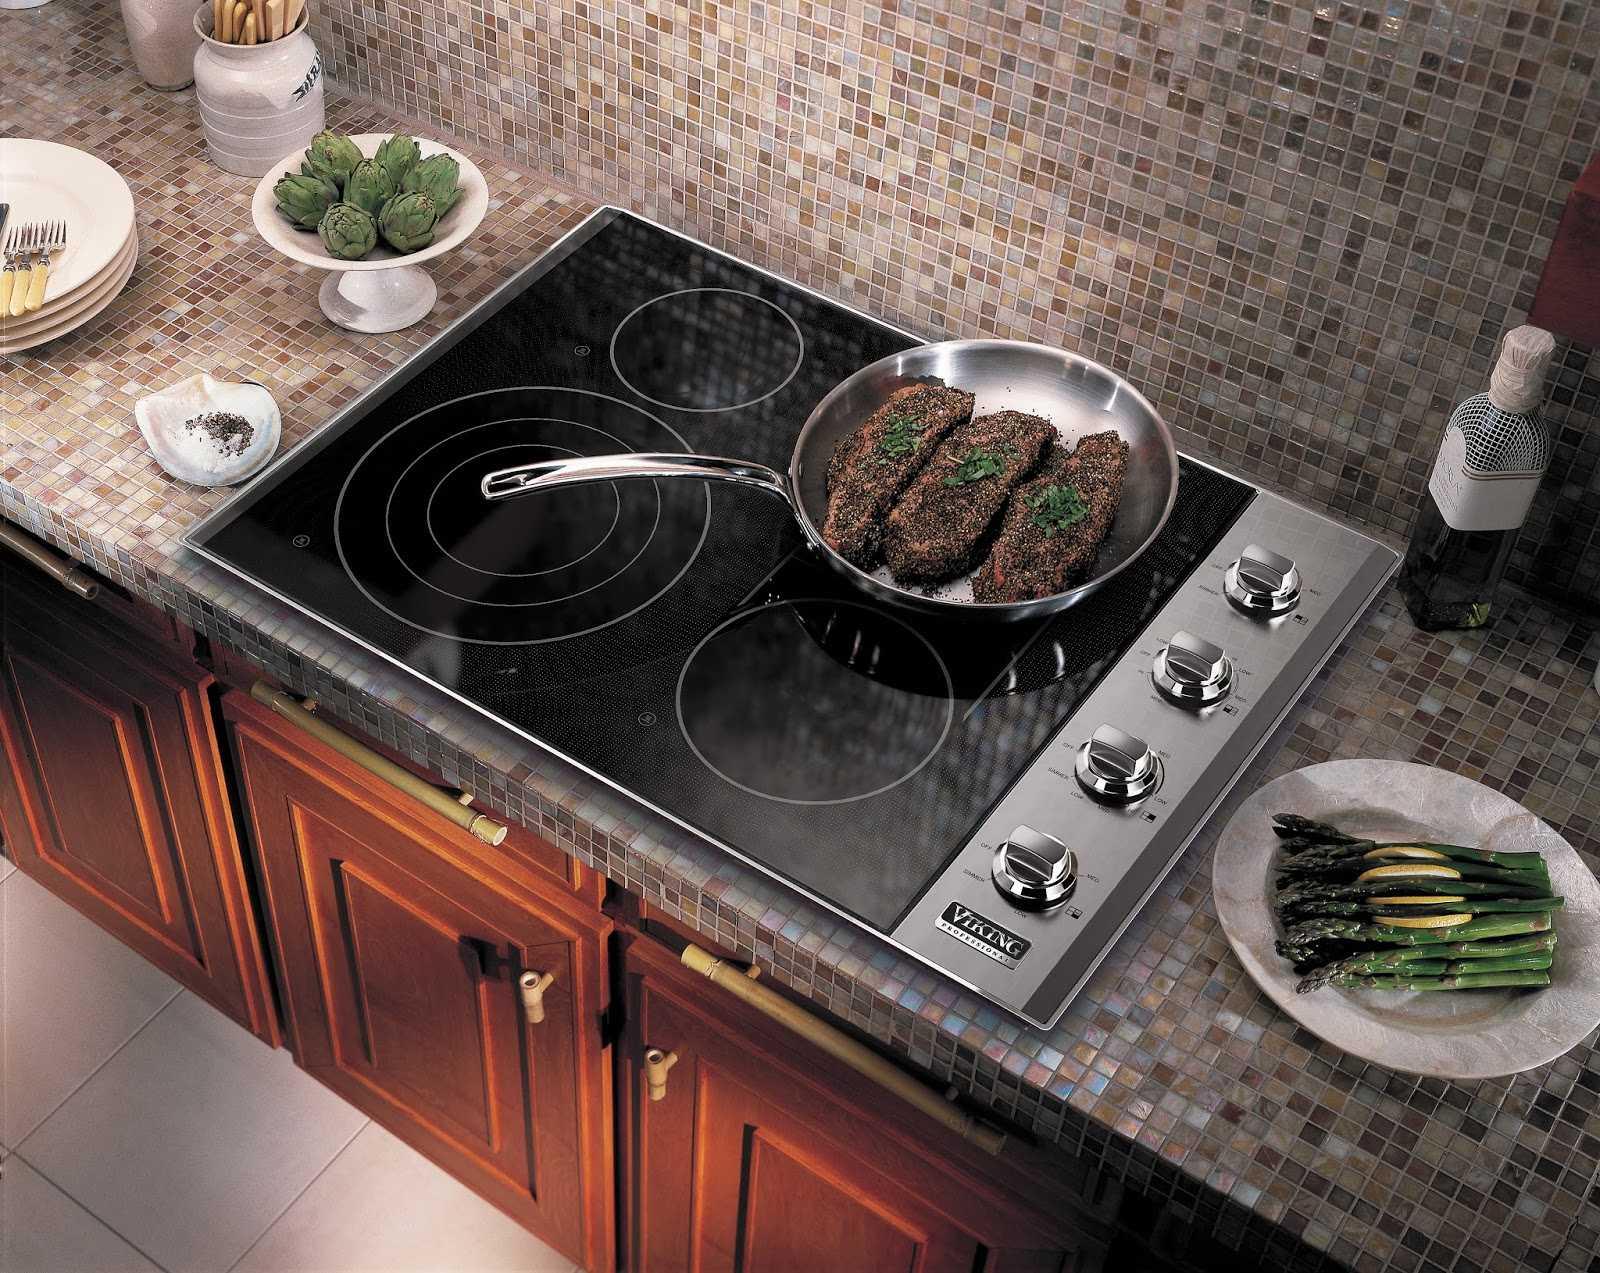 Как выбрать электрическую плиту для кухни - разновидности и схема устройства, преимущества и недостатки